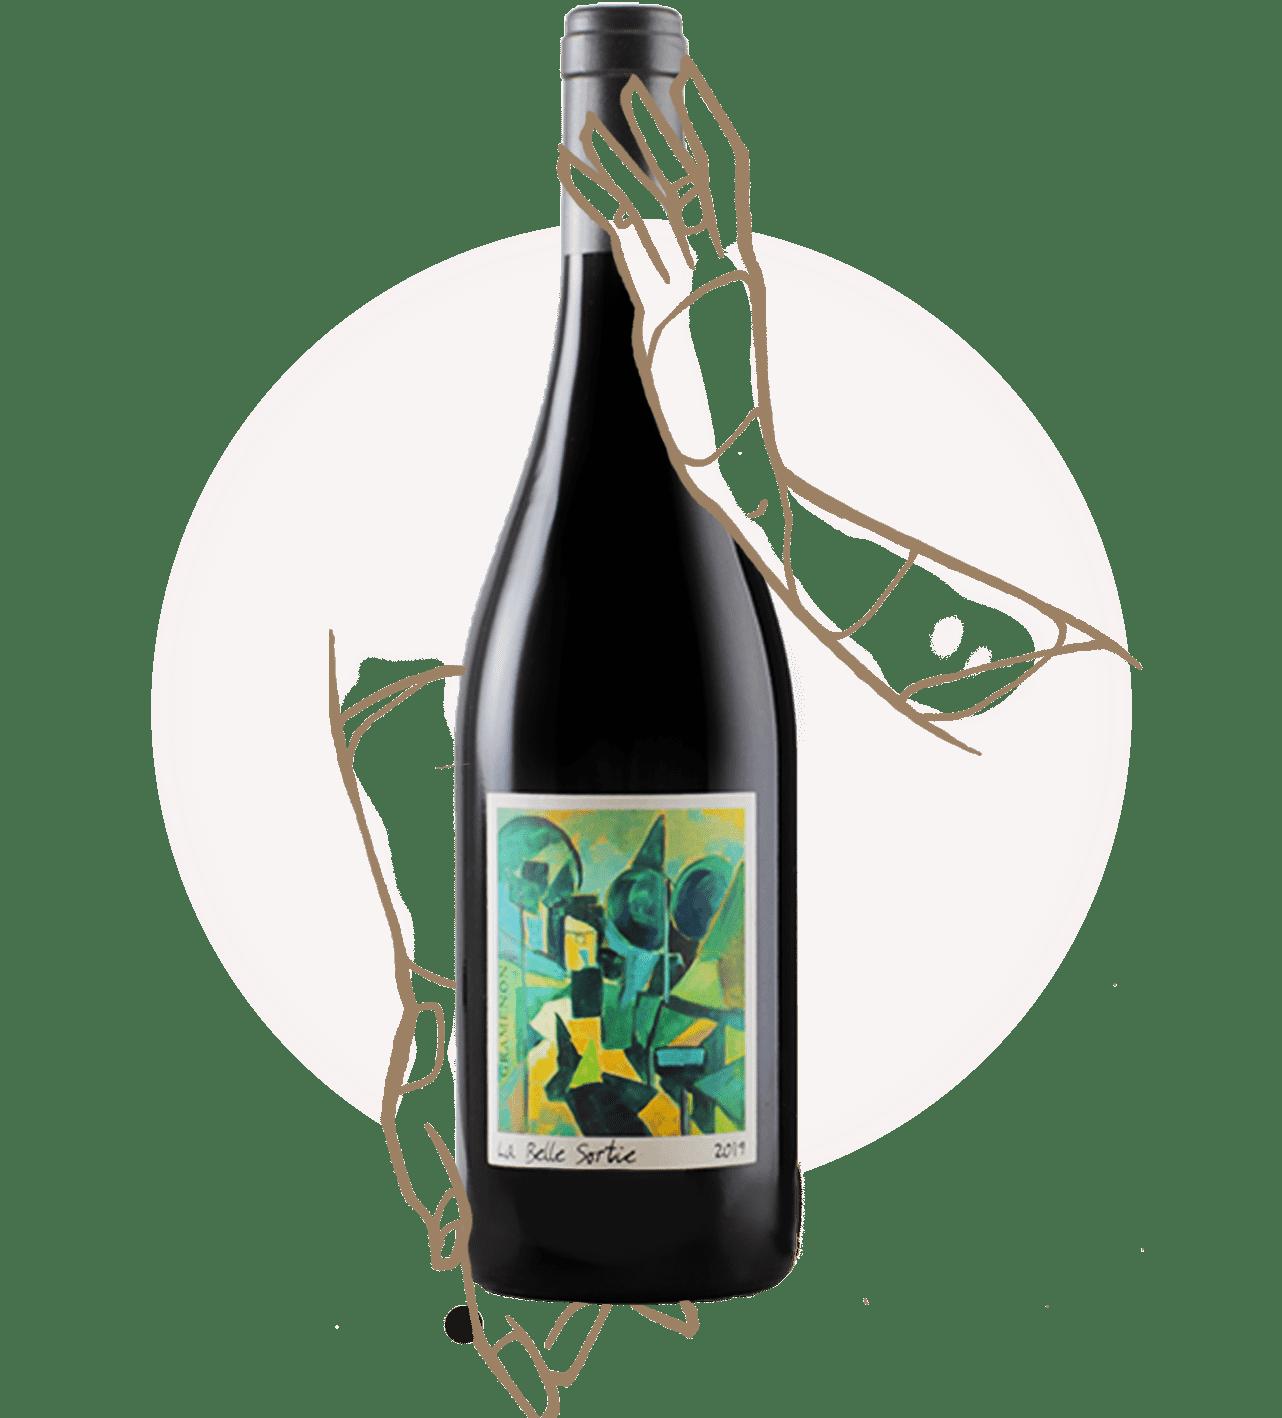 la belle sortie du domaine gramenon est un vin rouge nature aoc côte du rhône